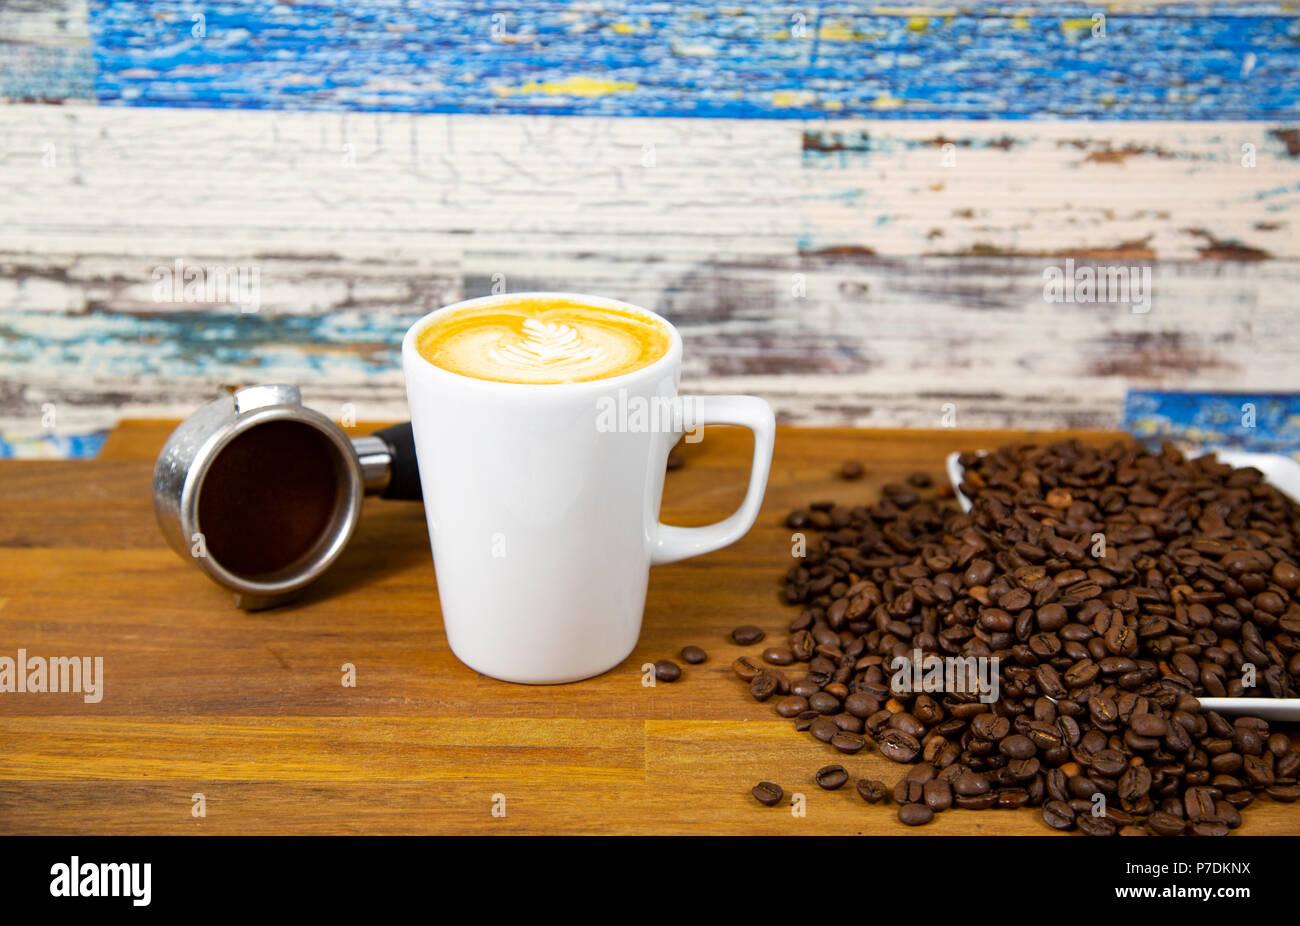 Una tazza di latte, cappuccino o caffè espresso con latte mettere su un tavolo in legno scuro con chicchi di caffè tostati Immagini Stock